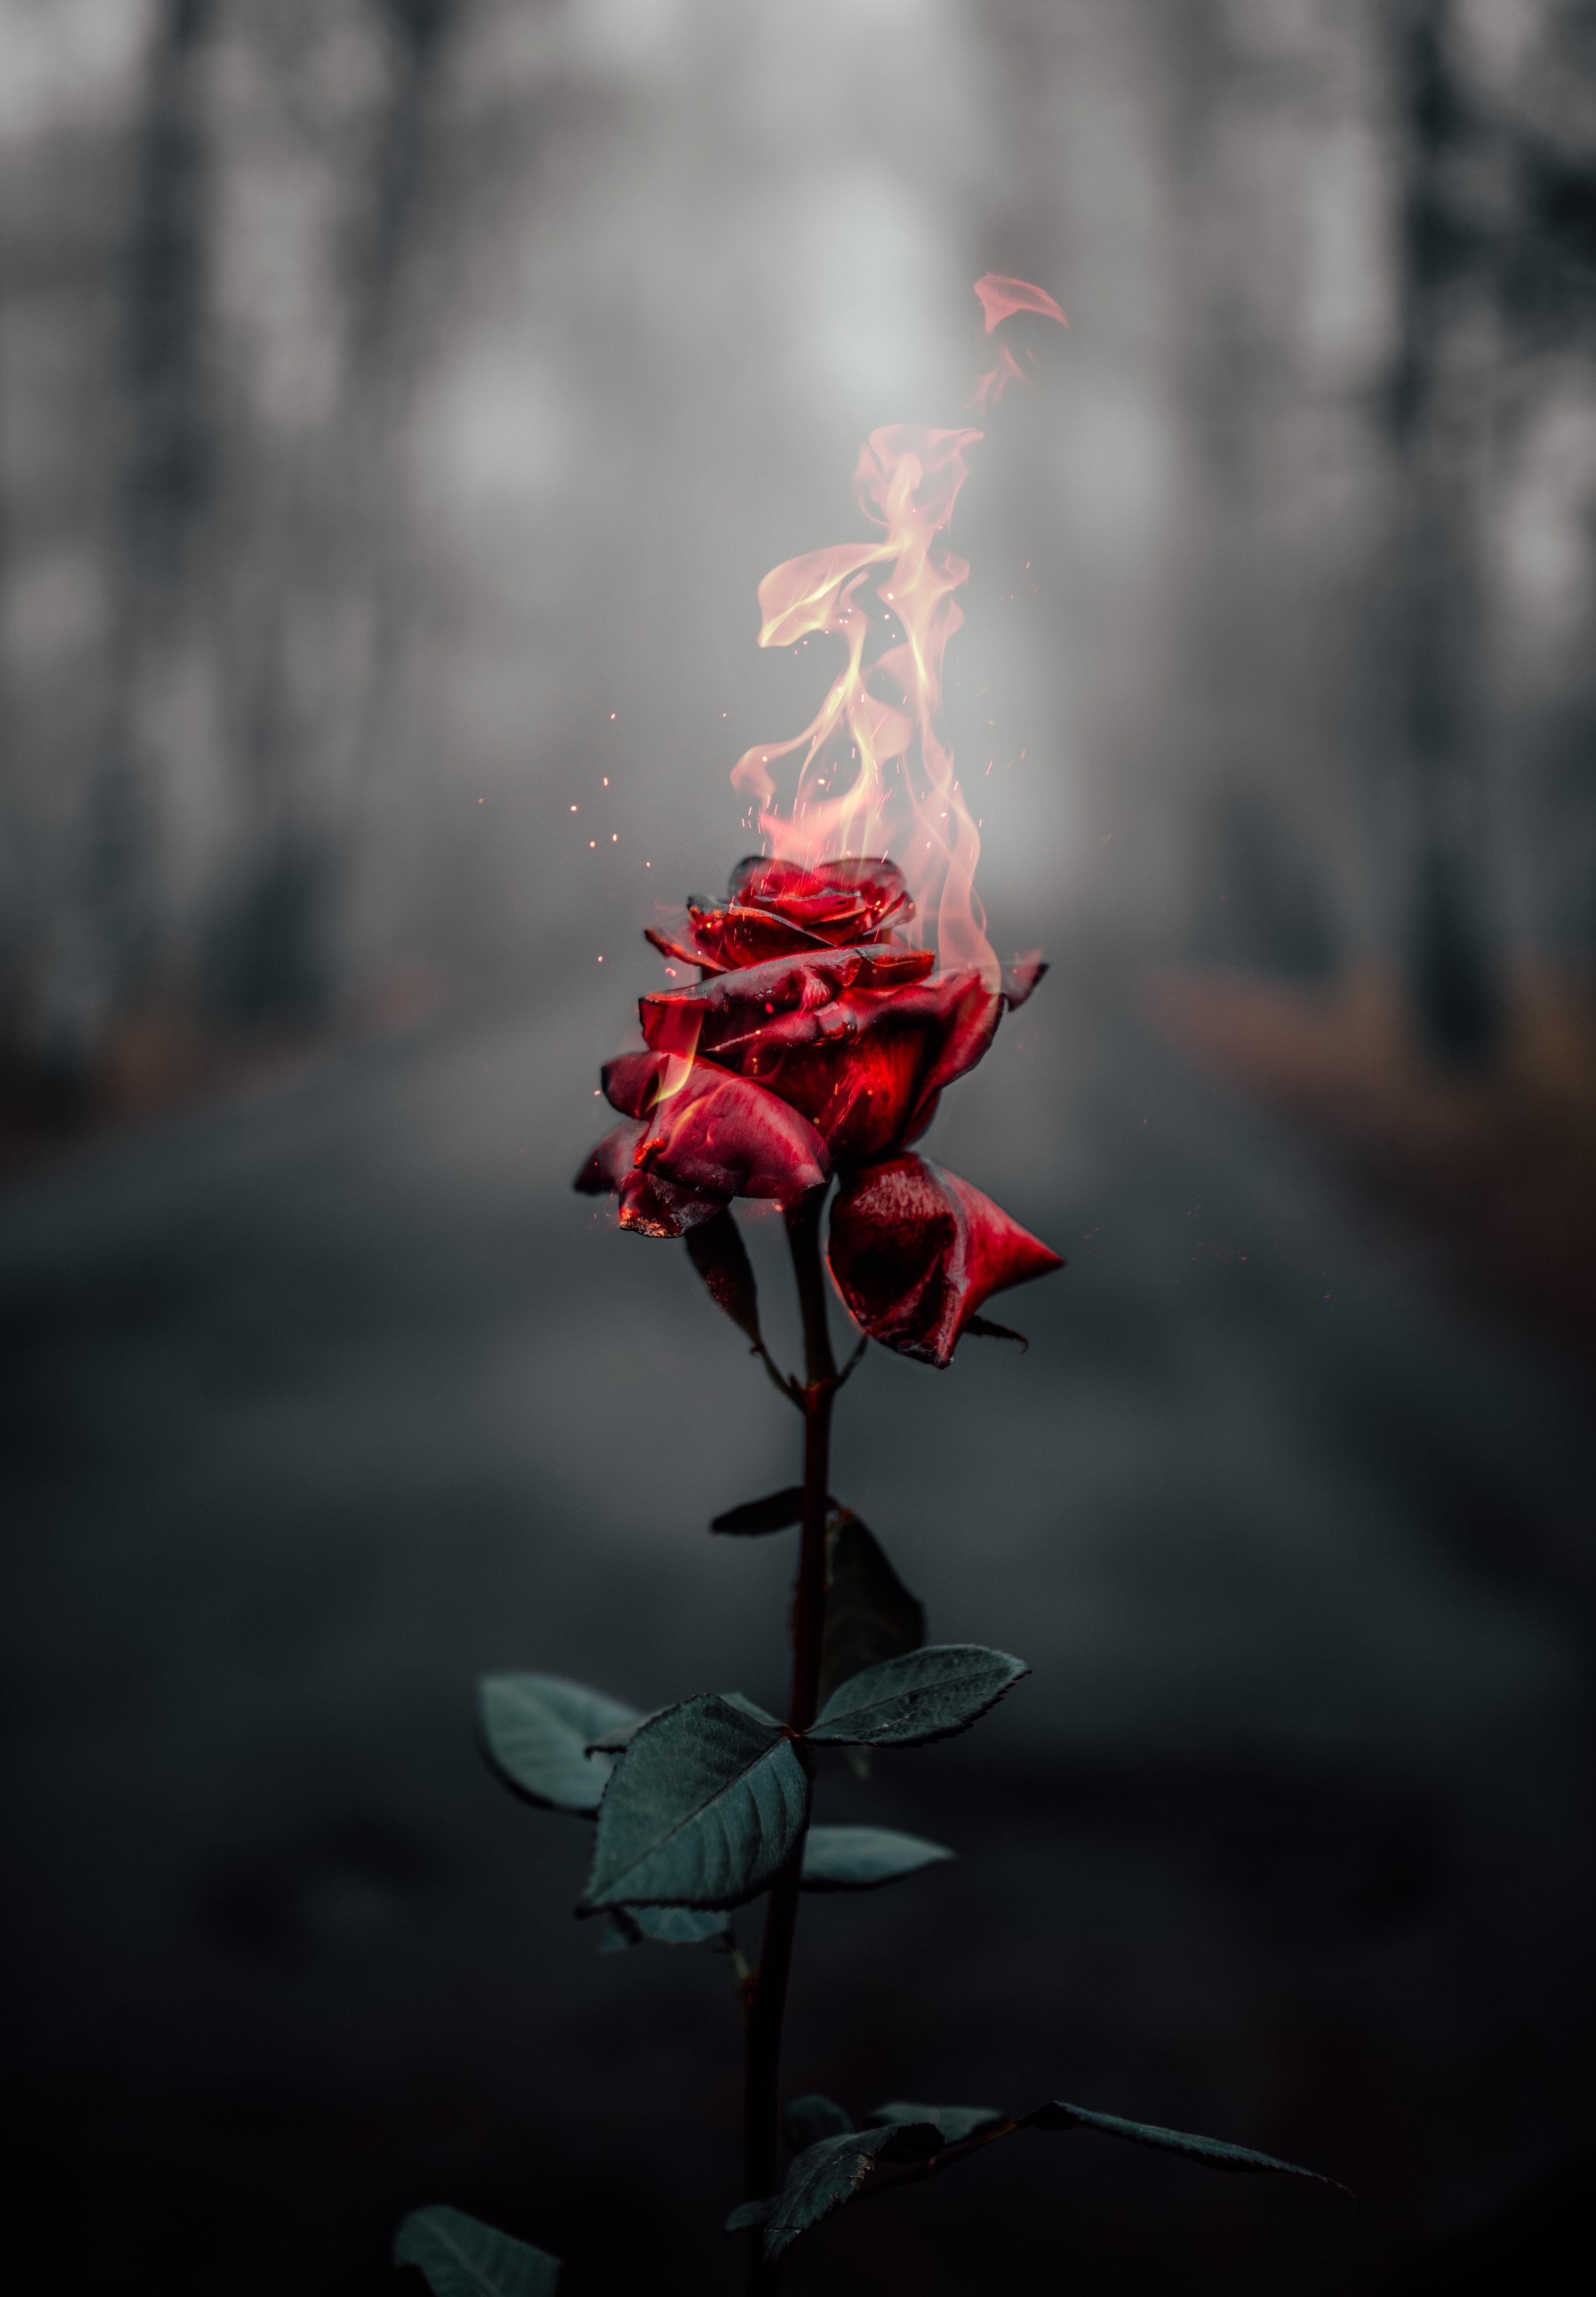 155114 завантажити шпалери Квіти, Троянда, Полум'я, Вогонь, Квітка, Роза, Горіти, Записати - заставки і картинки безкоштовно